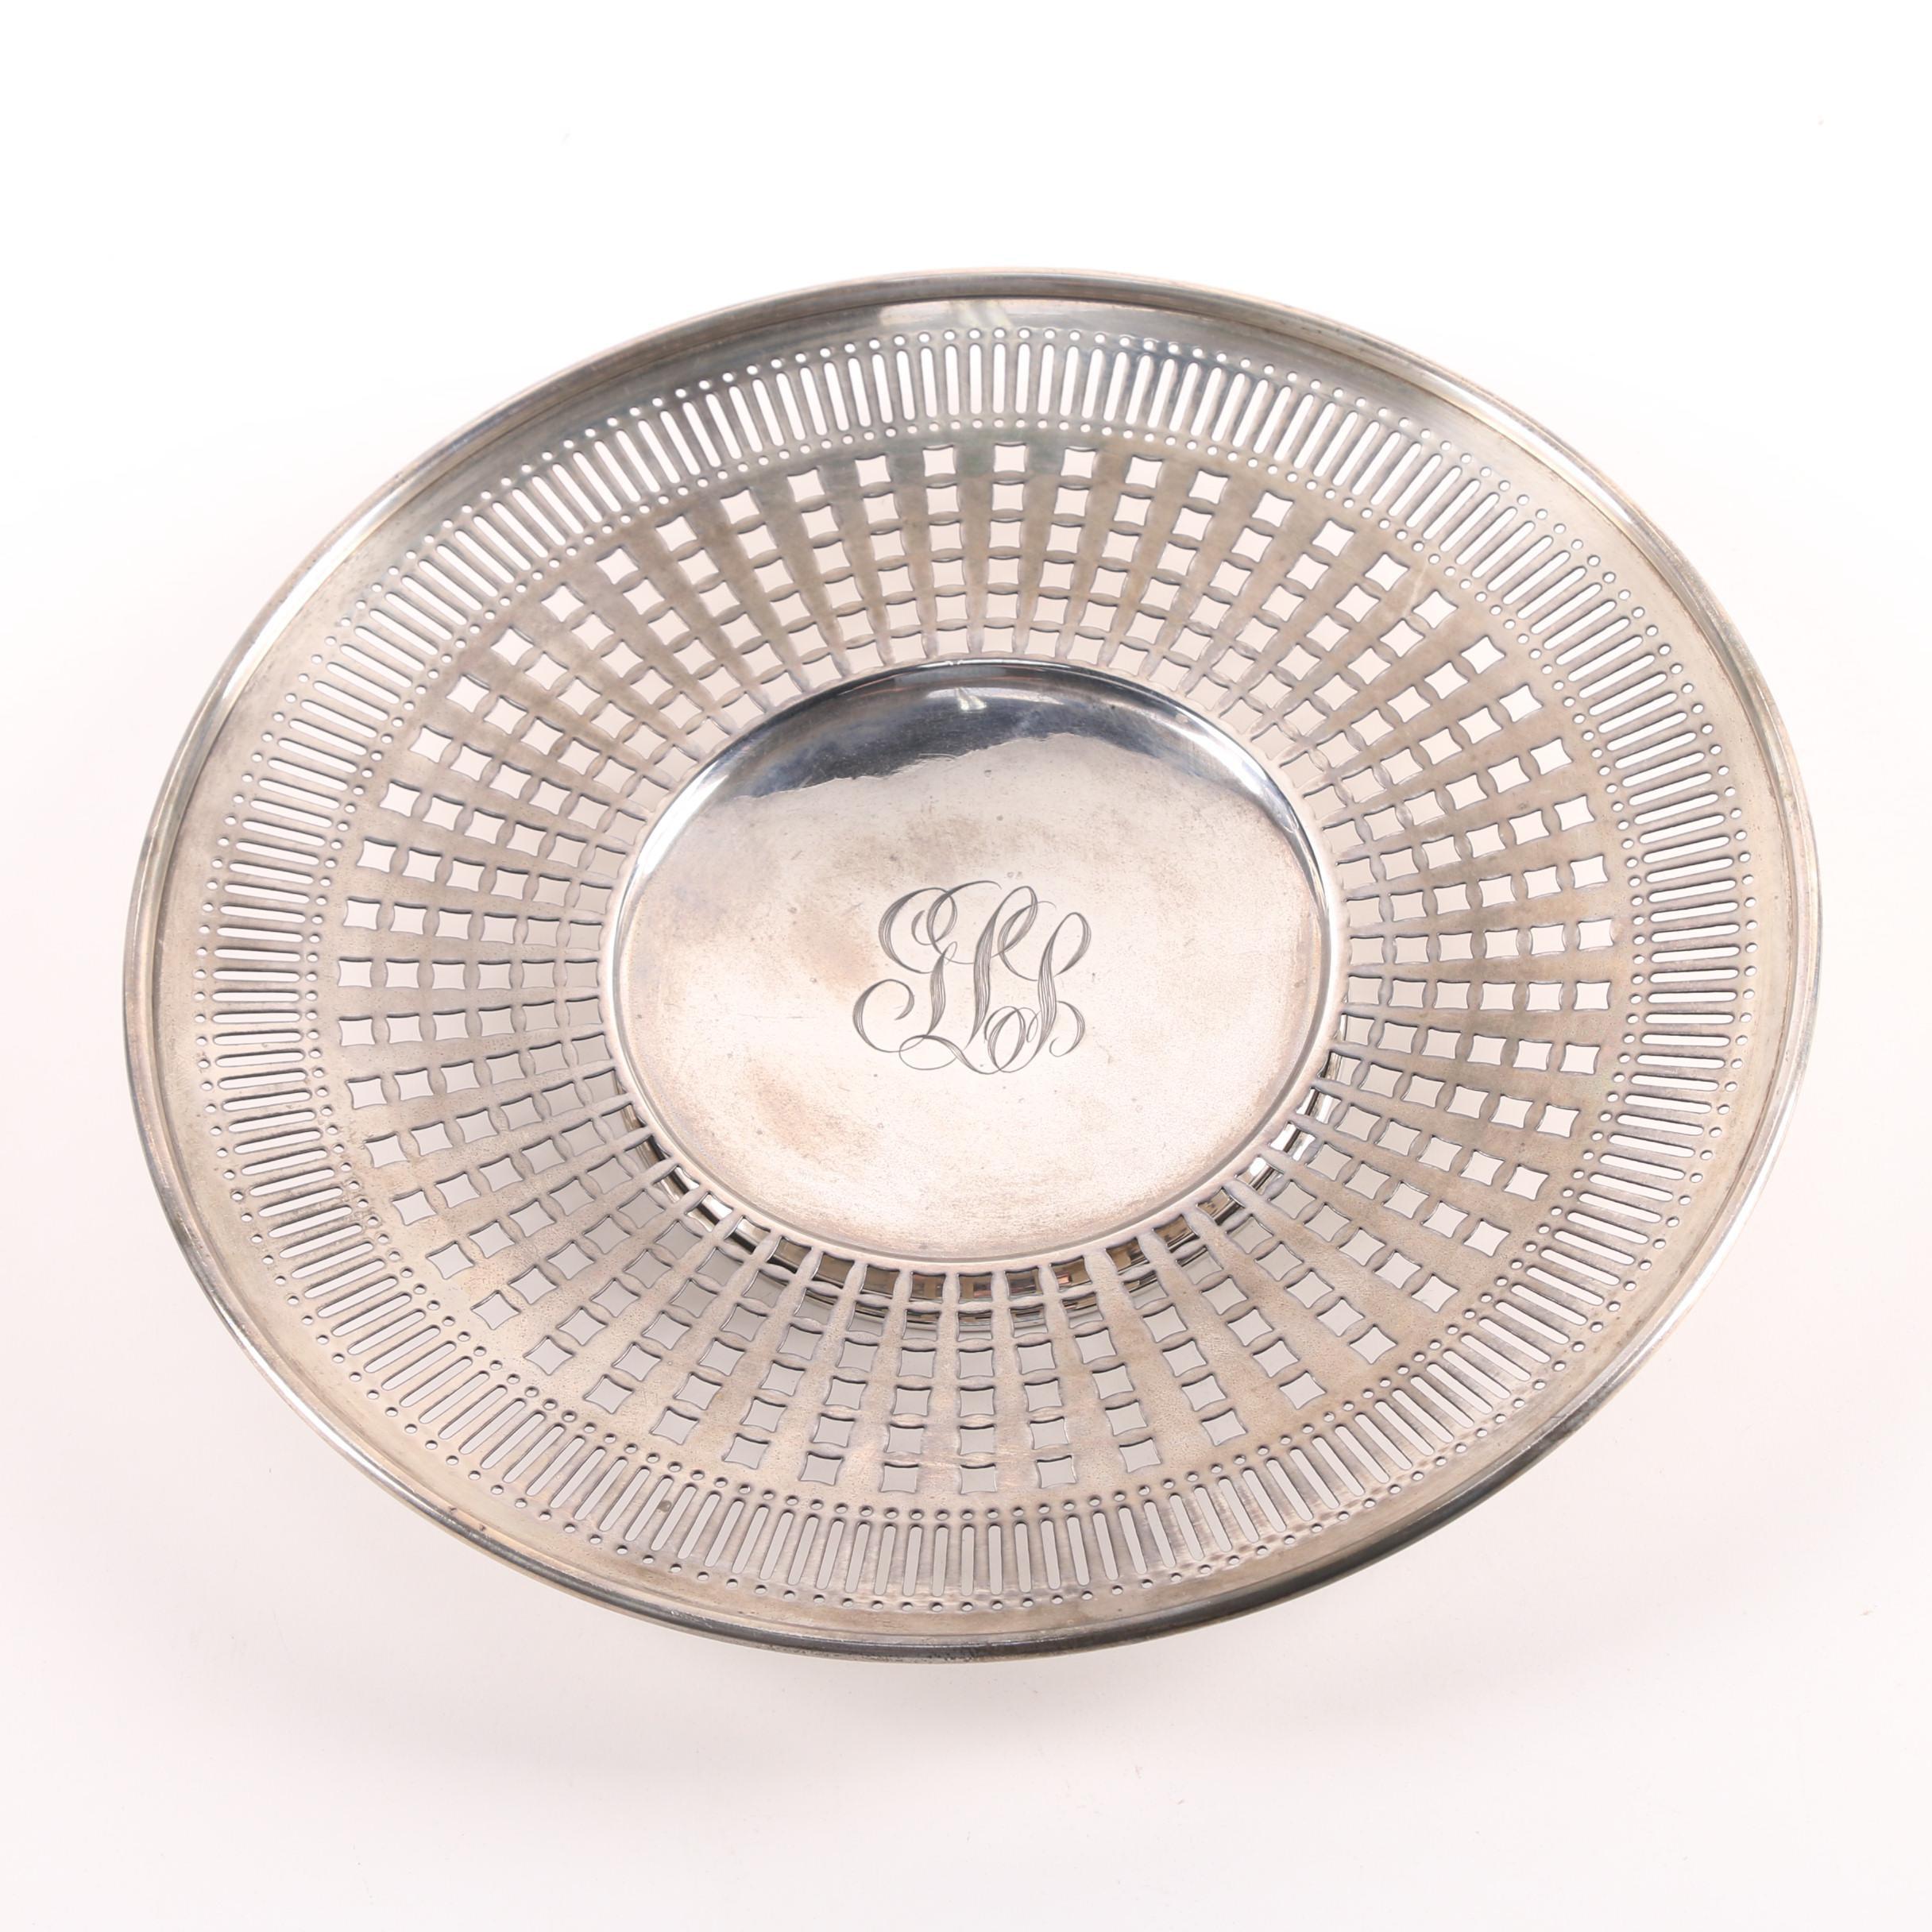 Watrous Mfg. Co. Sterling Silver Pierced Pedestal Serving Plate